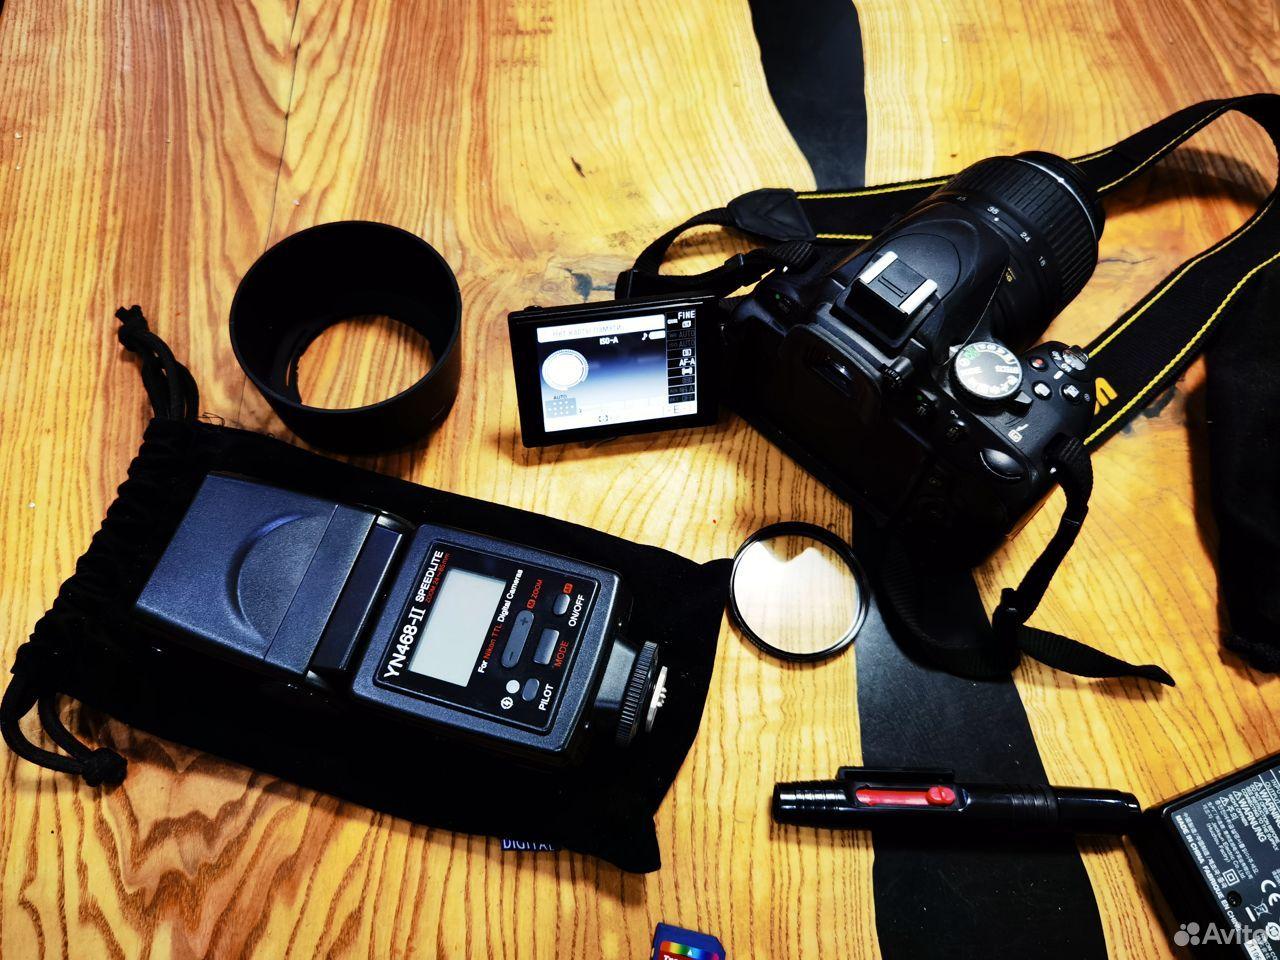 Зеркальный фотоаппарат Nikon D5100 Dauble VR Обмен  89185656006 купить 3